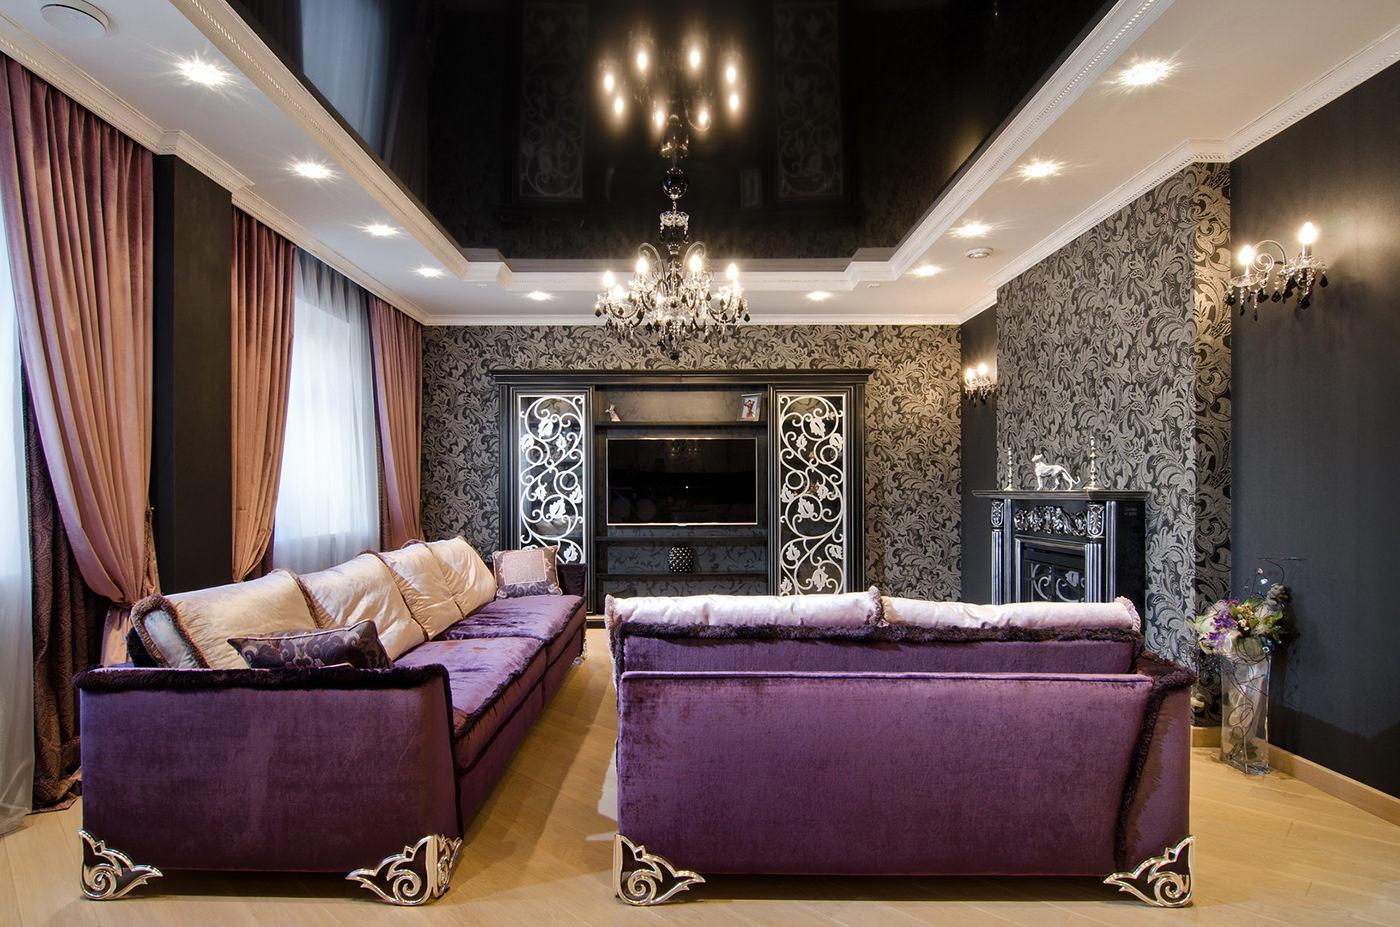 háttérkép egy luxus nappali